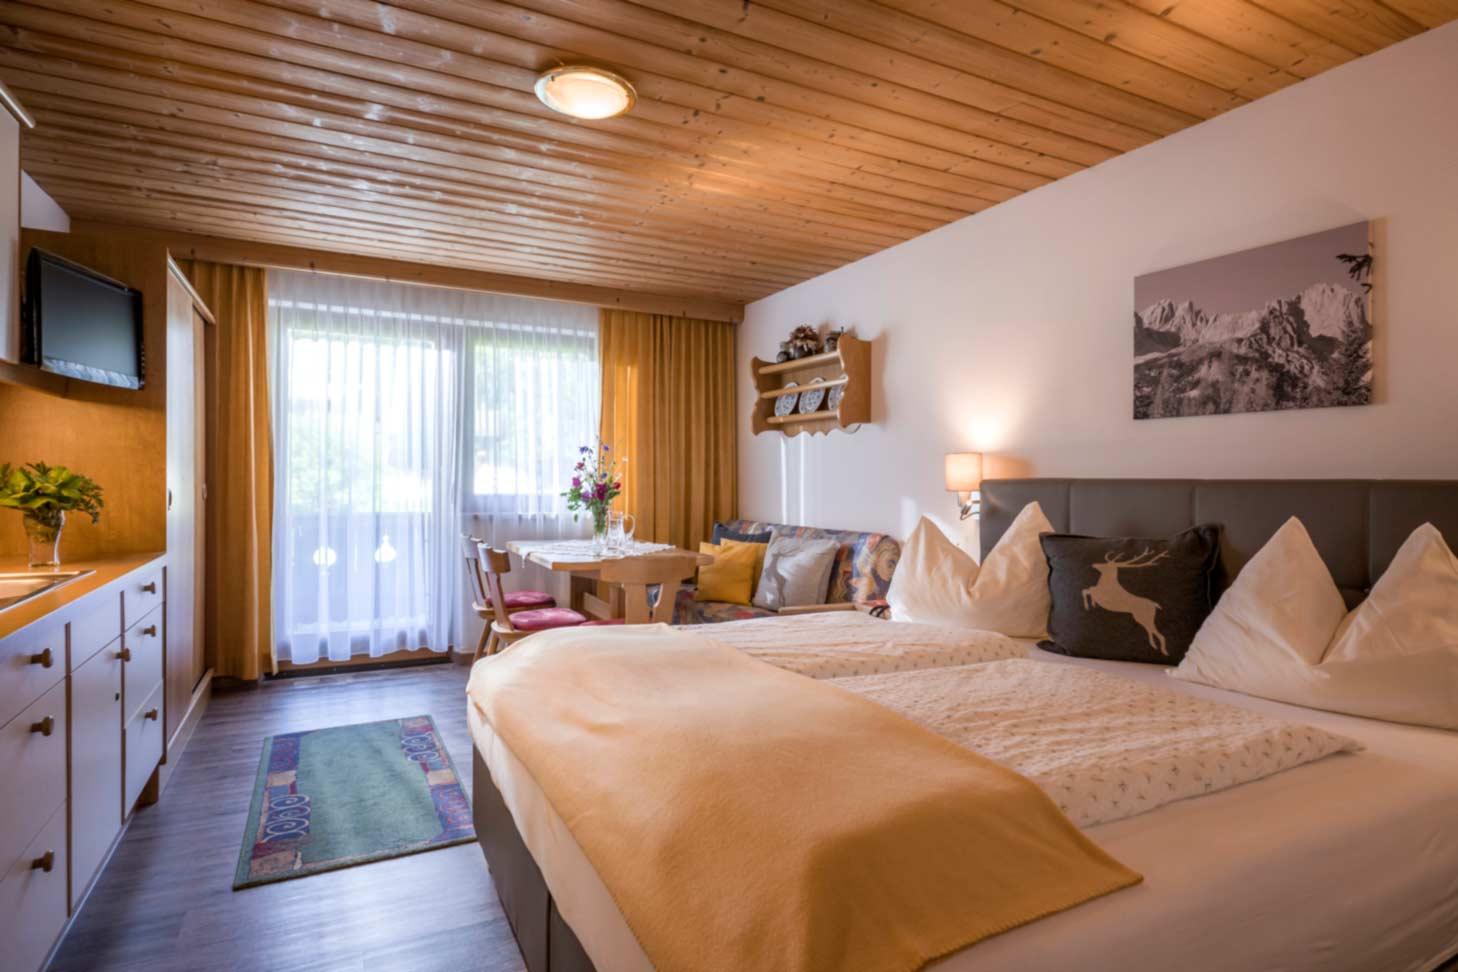 Appartement Pension Steiner Schlafzimmer mit Westbalkon